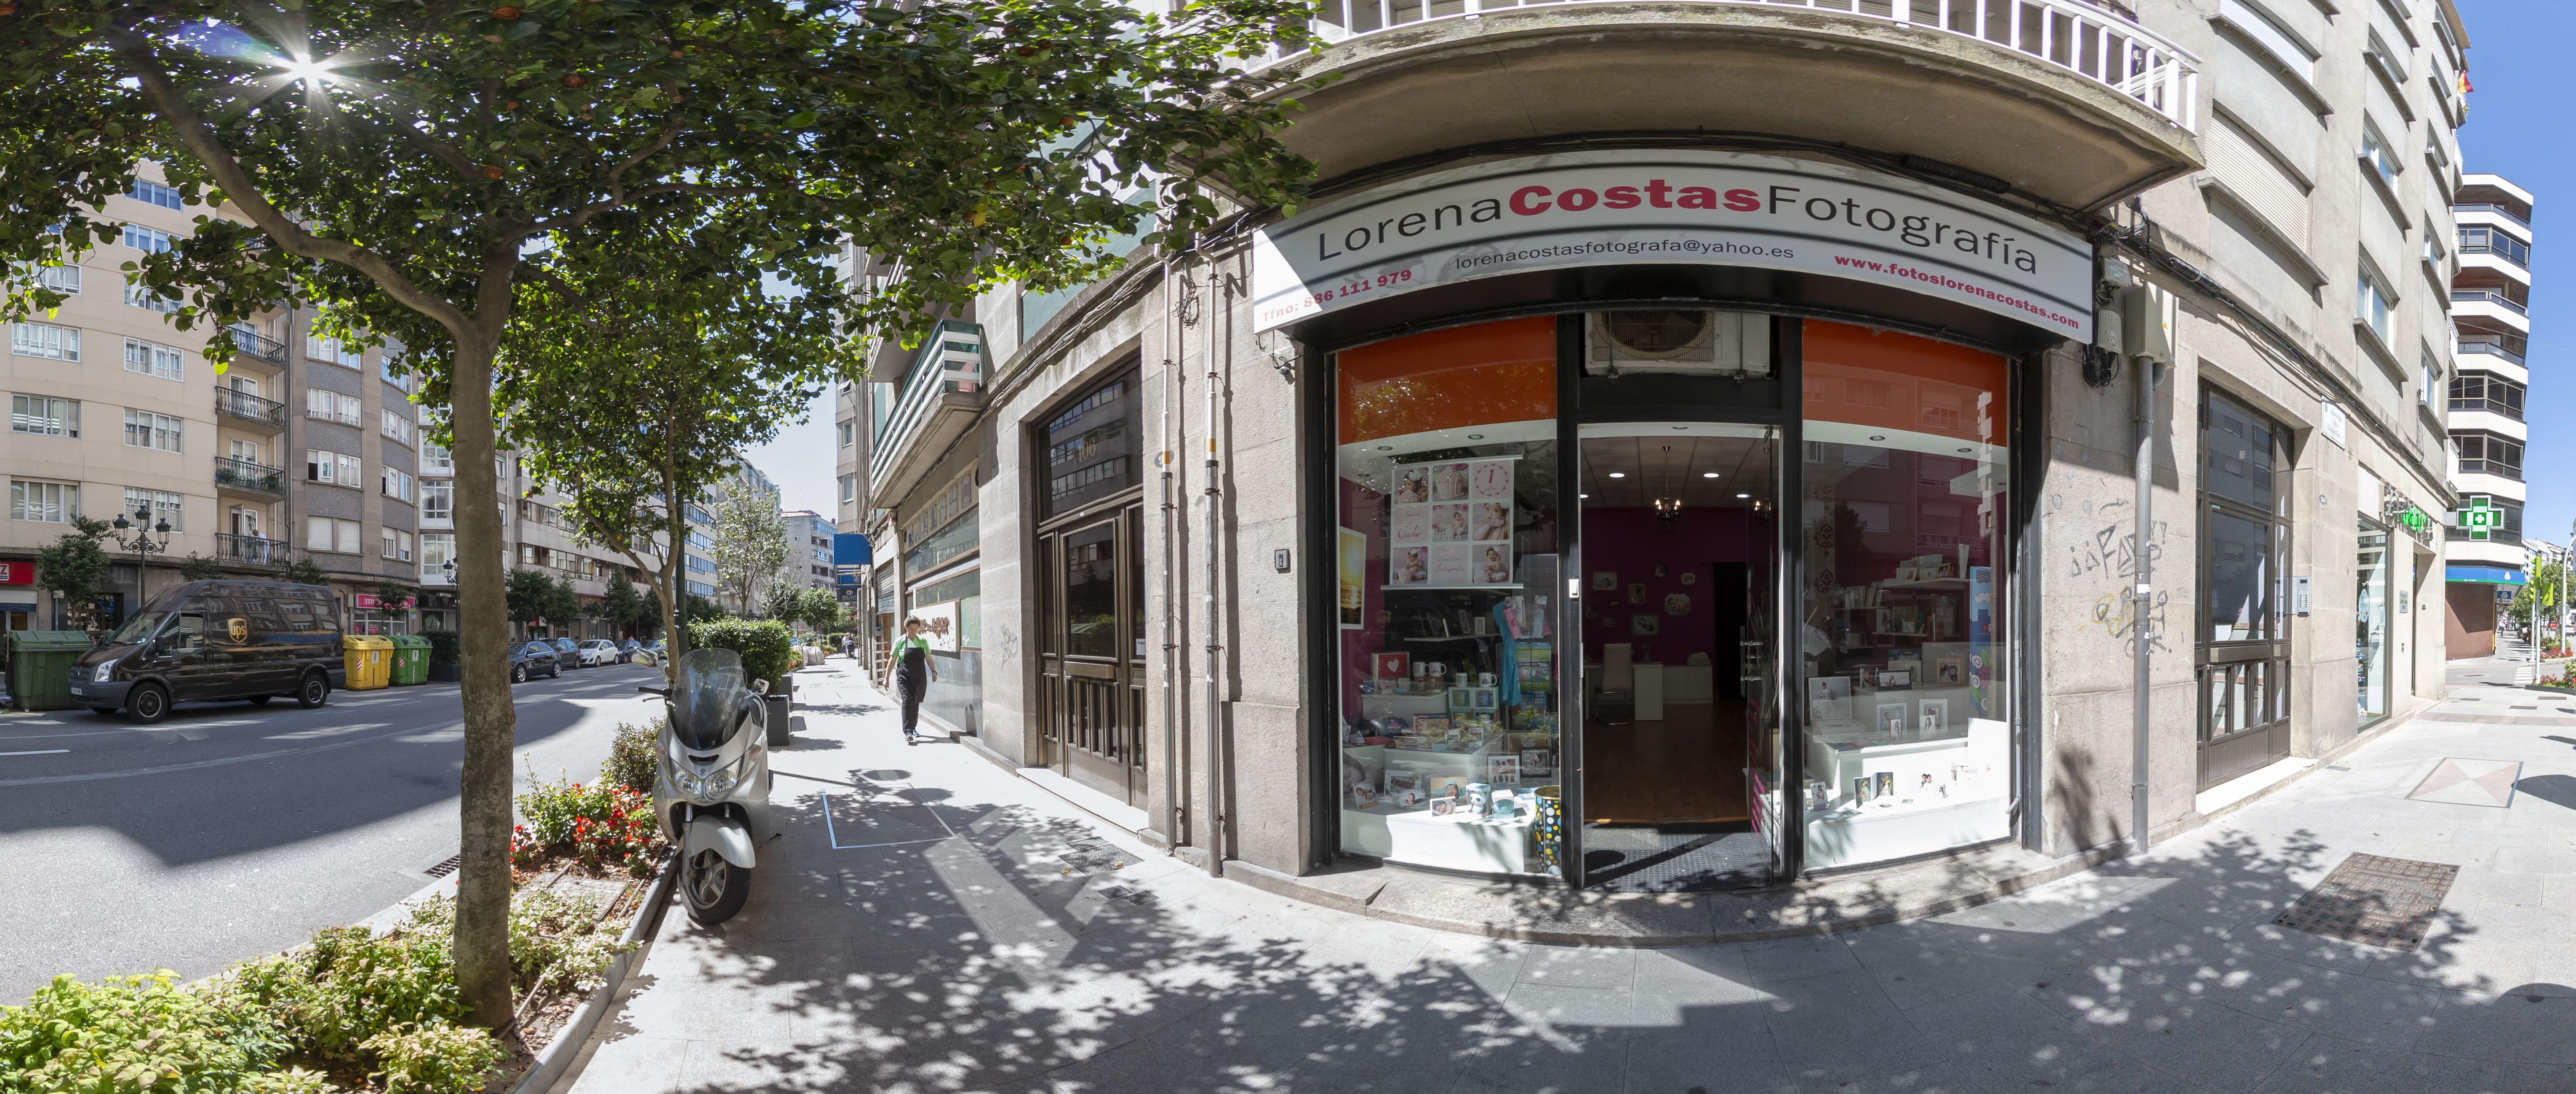 Estudio de fotografía en Vigo